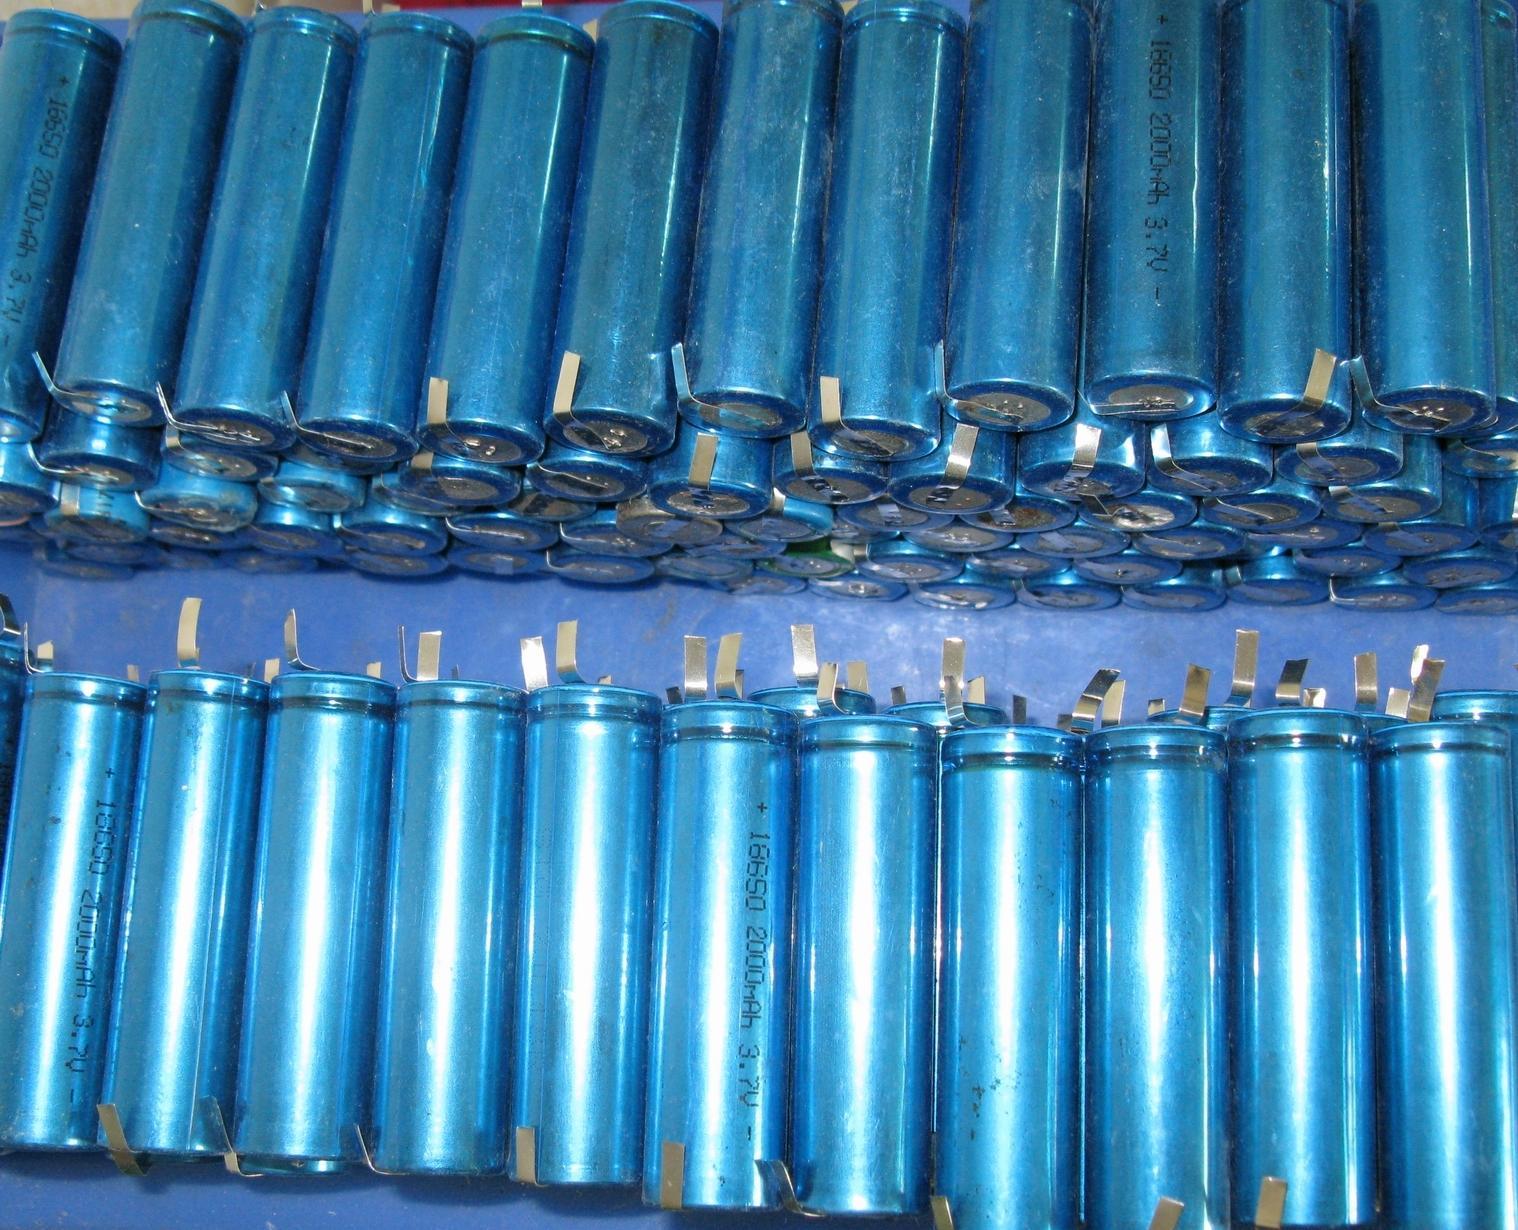 18650拆机锂电池图片